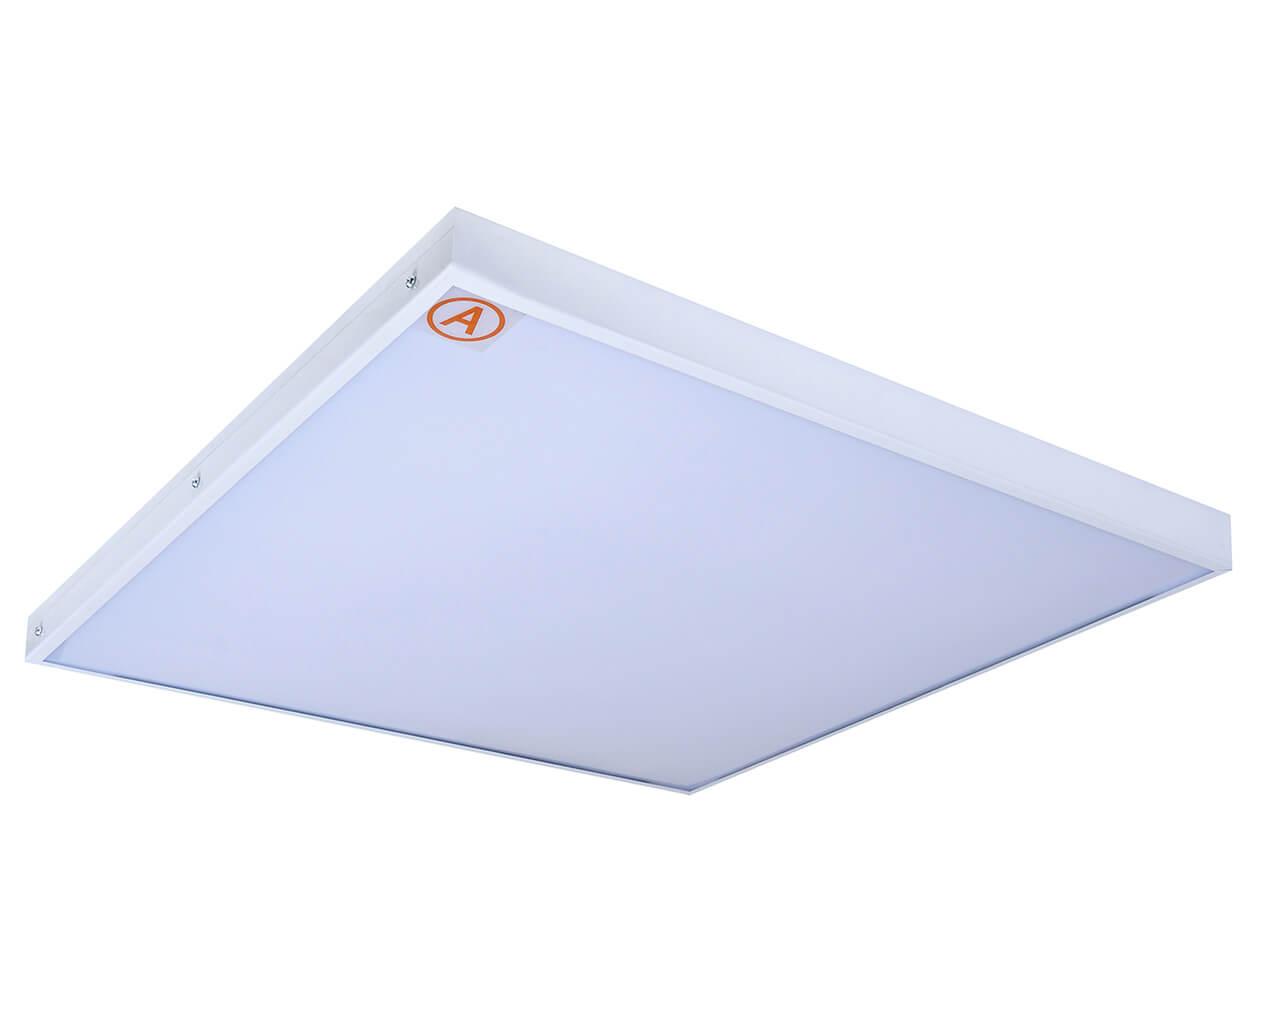 Универсальный светильник LC-US-S80-OP-WW ватт 595x595 Теплый белый Опал с Бап-1 час